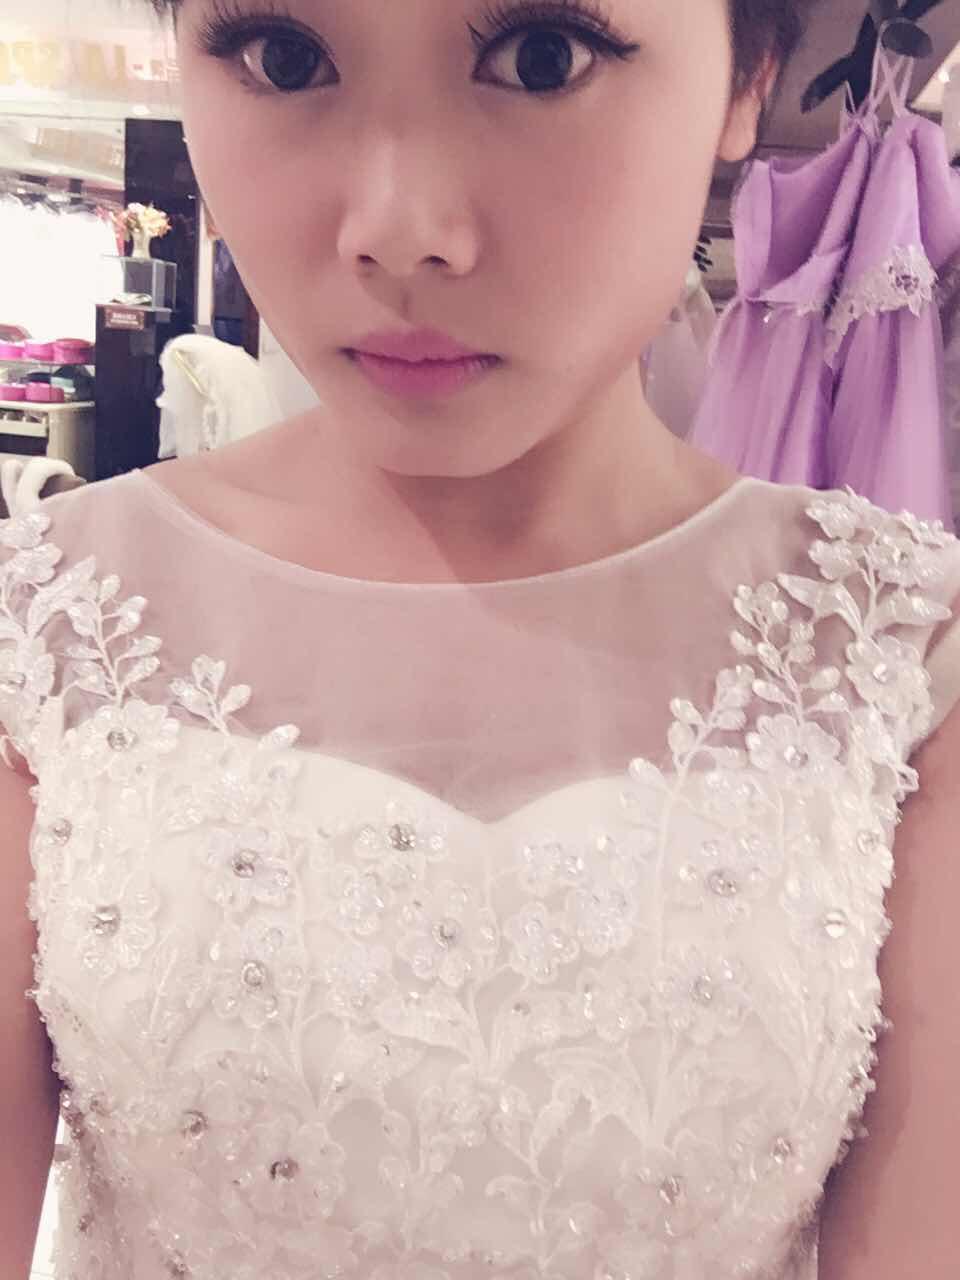 眉骨高好看还是低好看,要变漂亮,好好经营自己的婚姻。